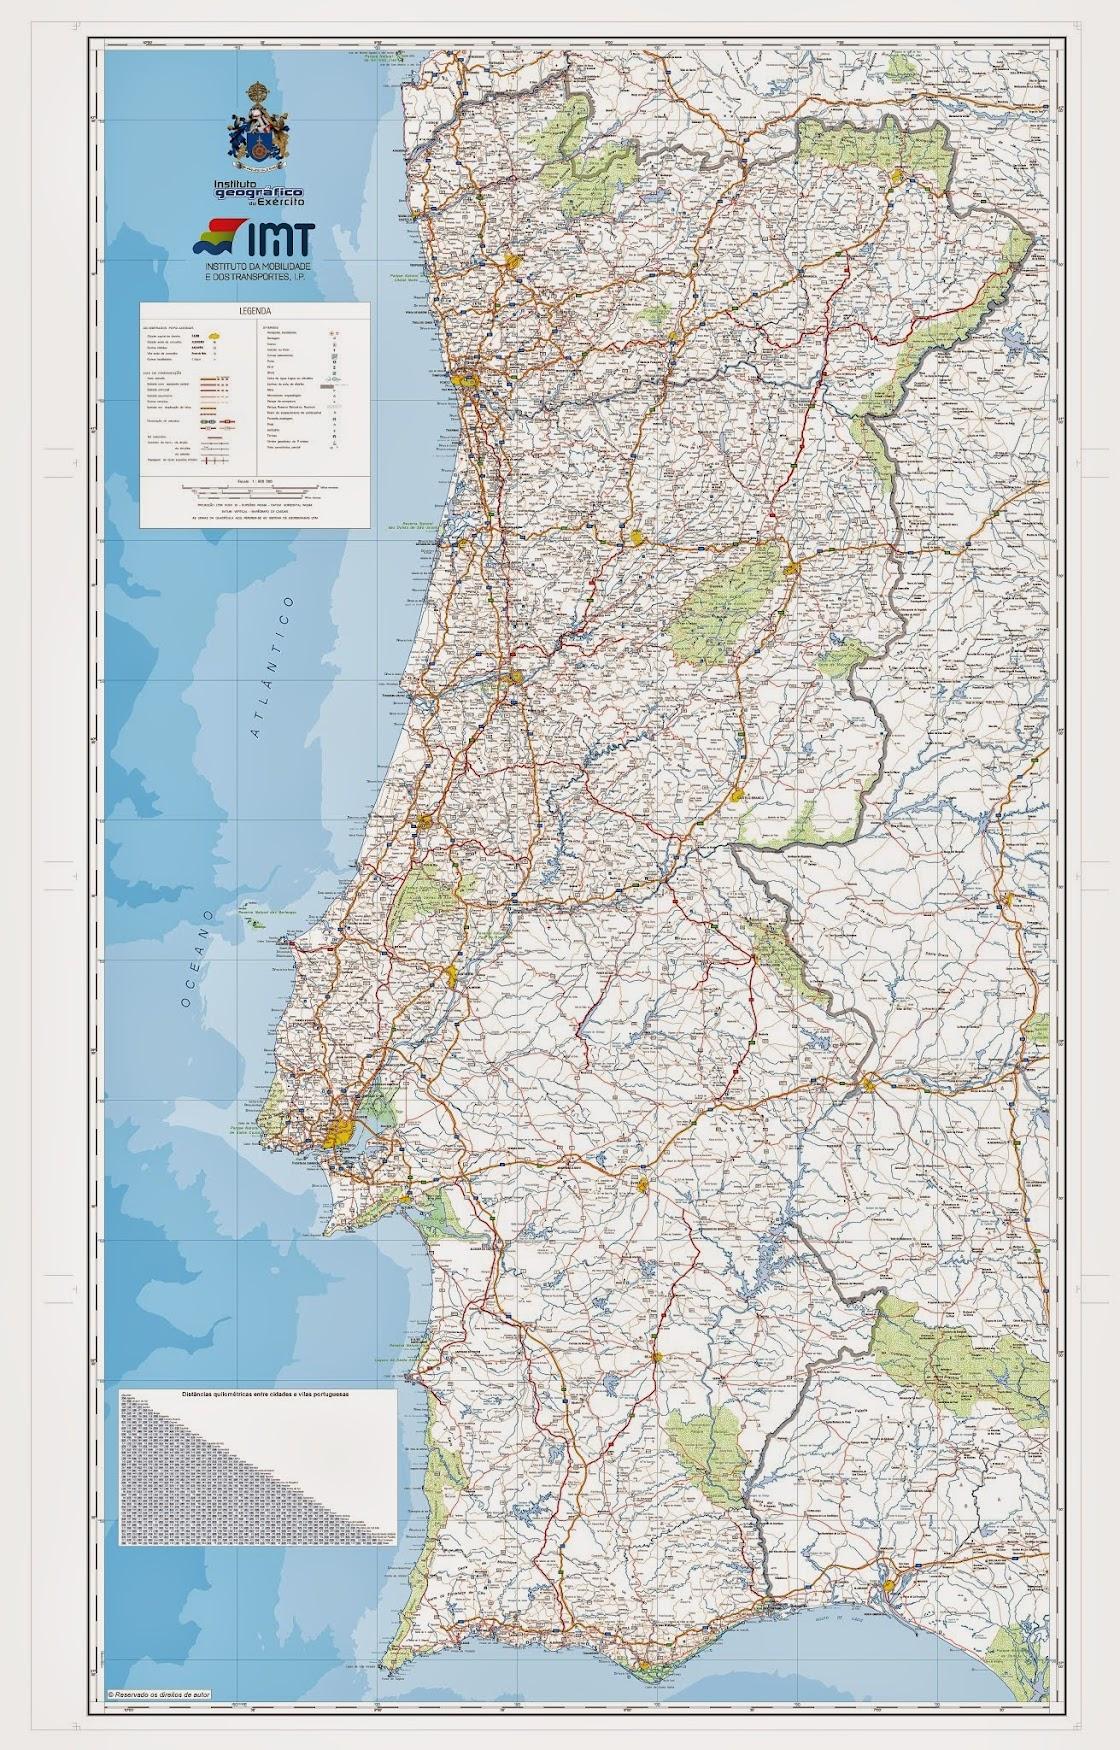 ver mapa das estradas de portugal Estradas de Portugal   SkyscraperCity ver mapa das estradas de portugal